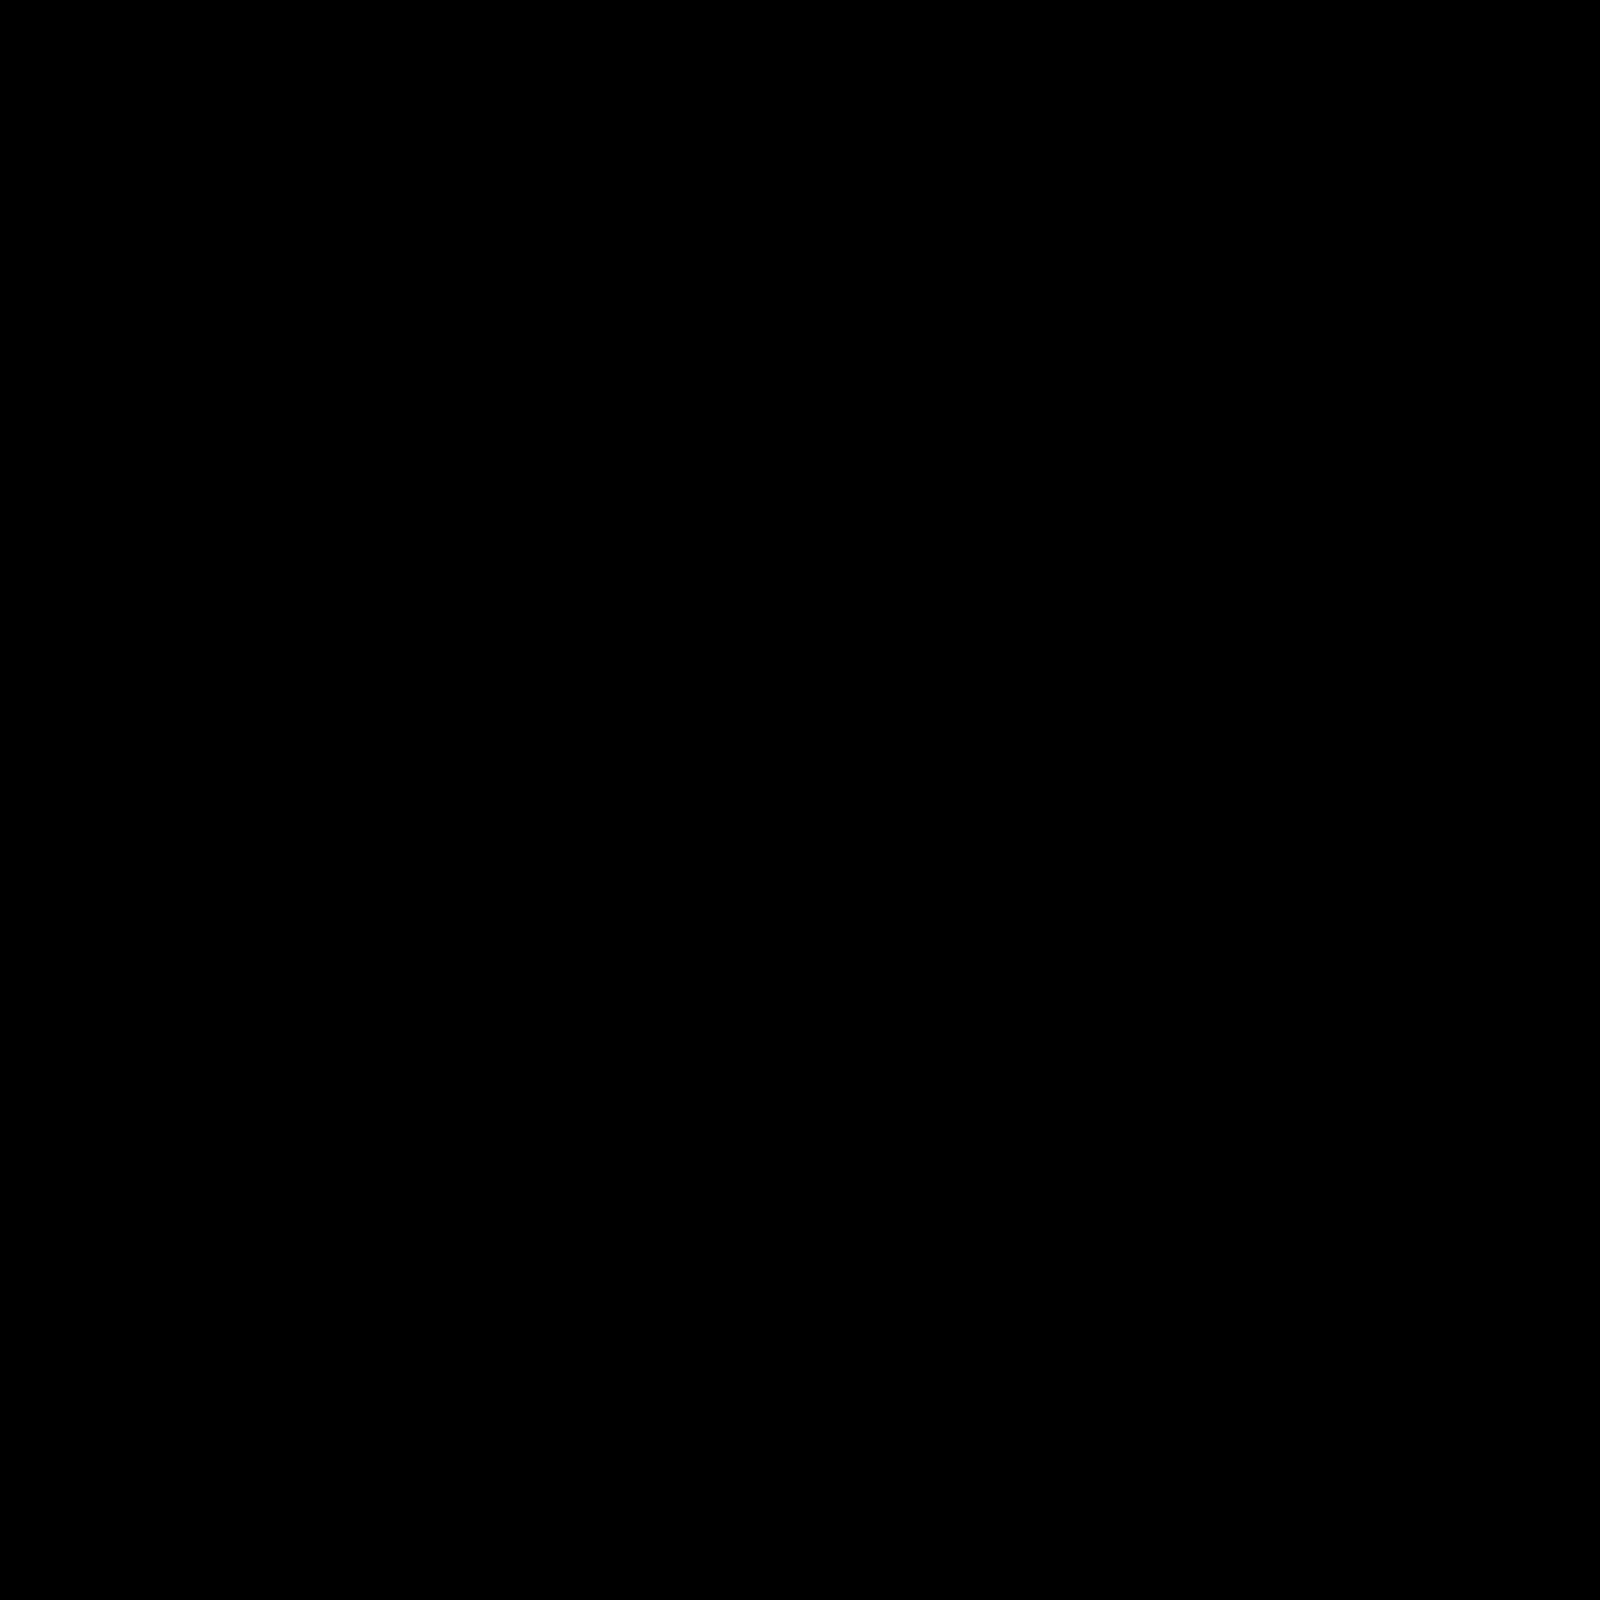 Презерватив PNG